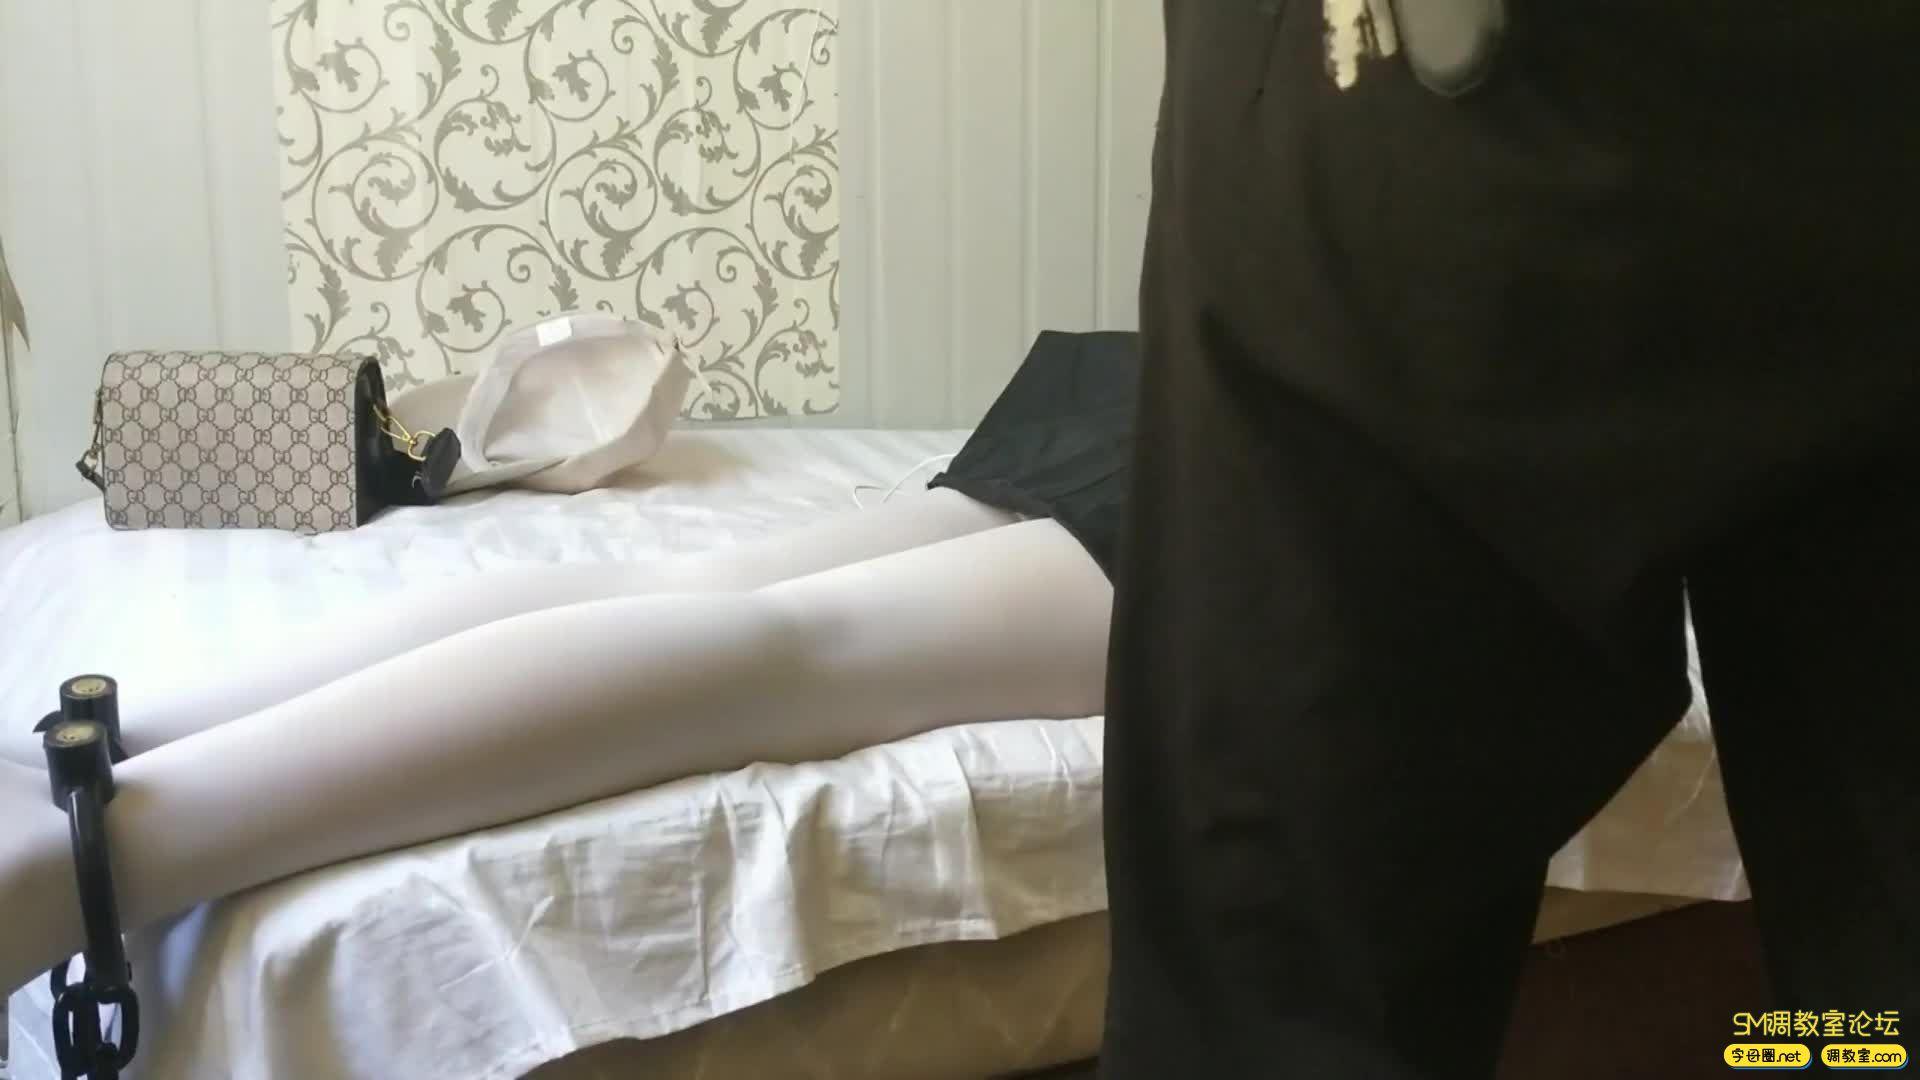 西部猎人_白丝萝莉,手铐脚镣  自己嗨-视频截图1